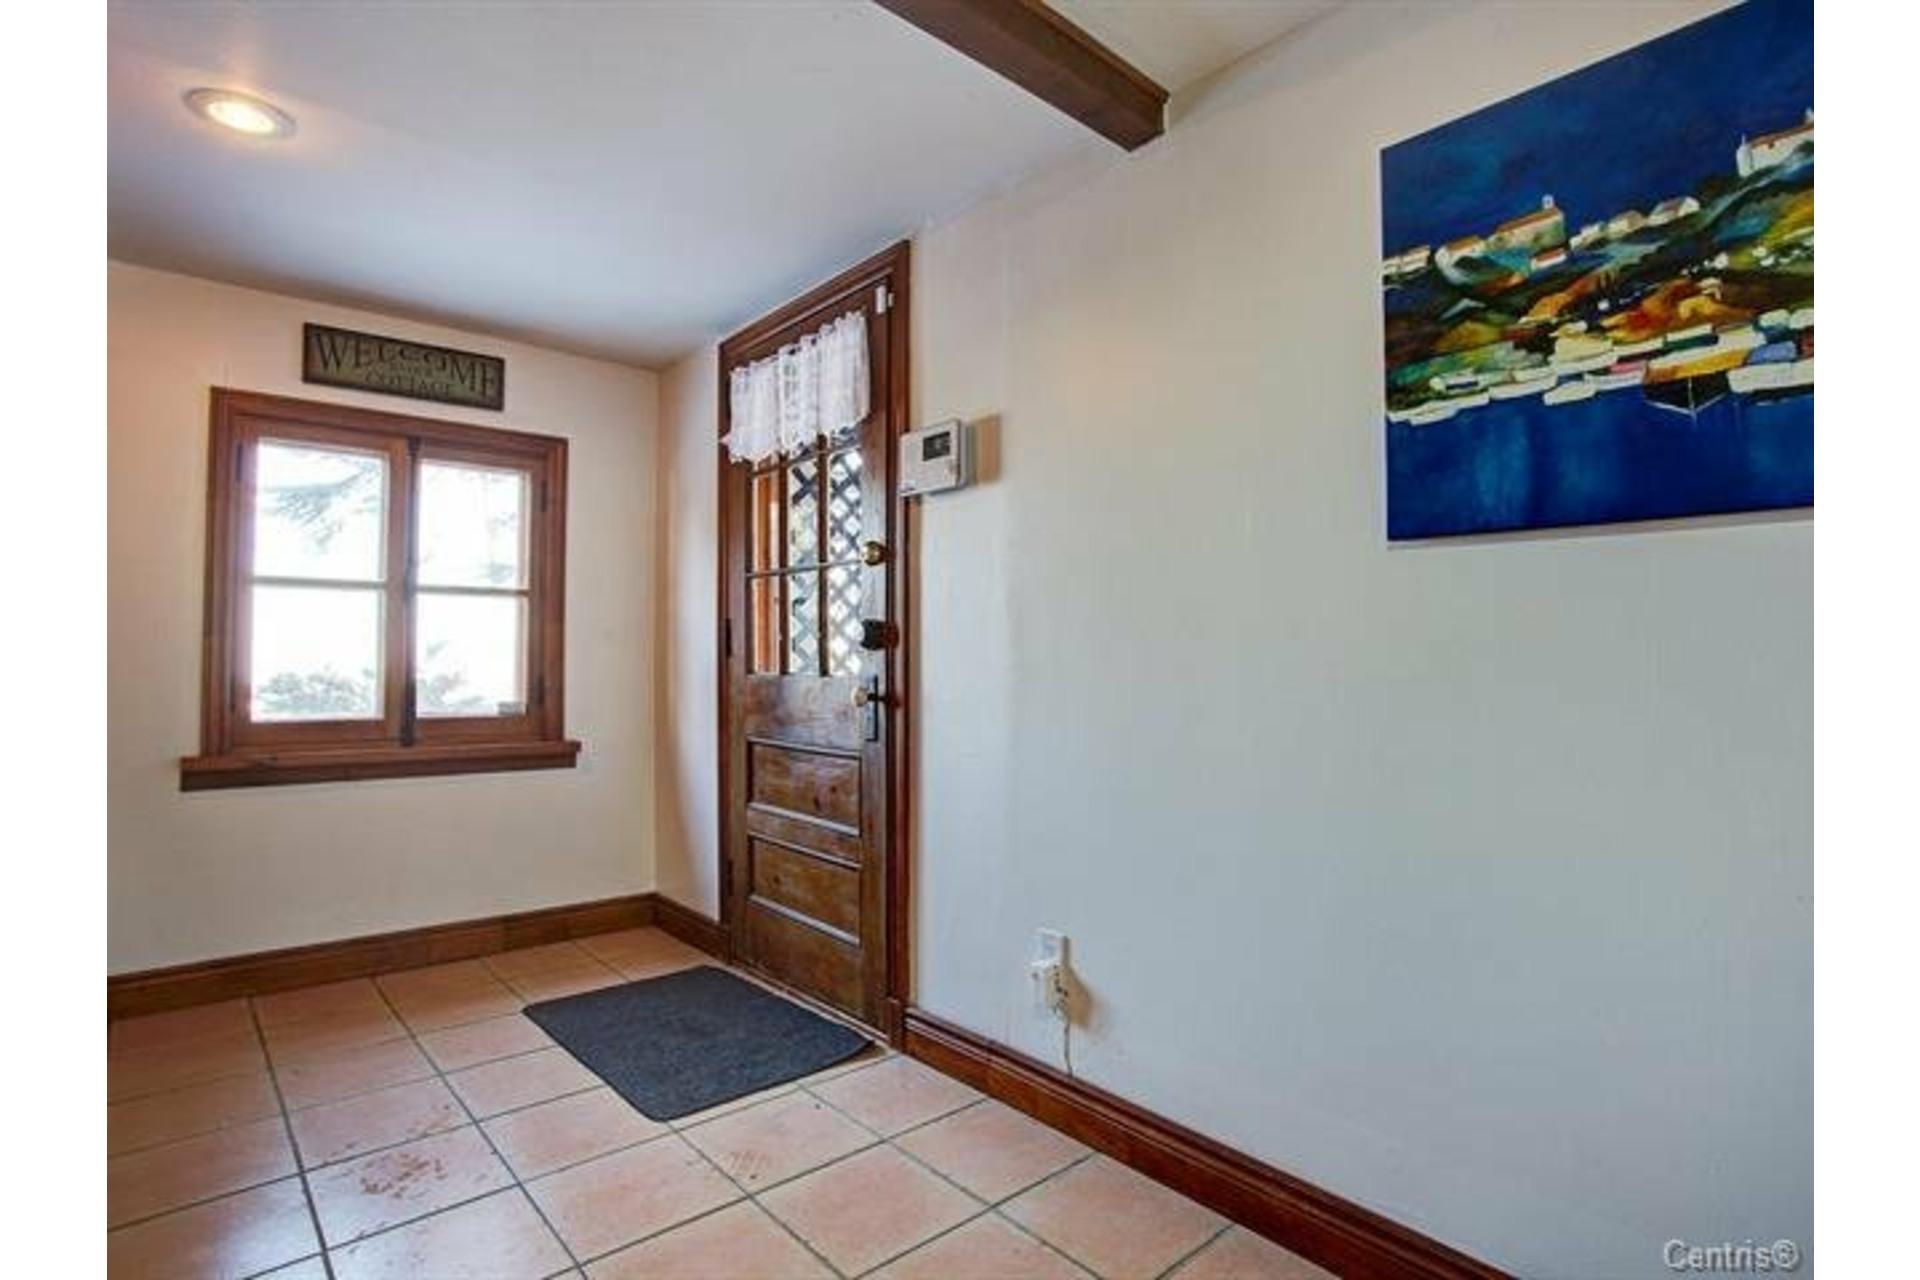 image 23 - MX - Casa sola - MX En venta Vaudreuil-Dorion - 12 habitaciones